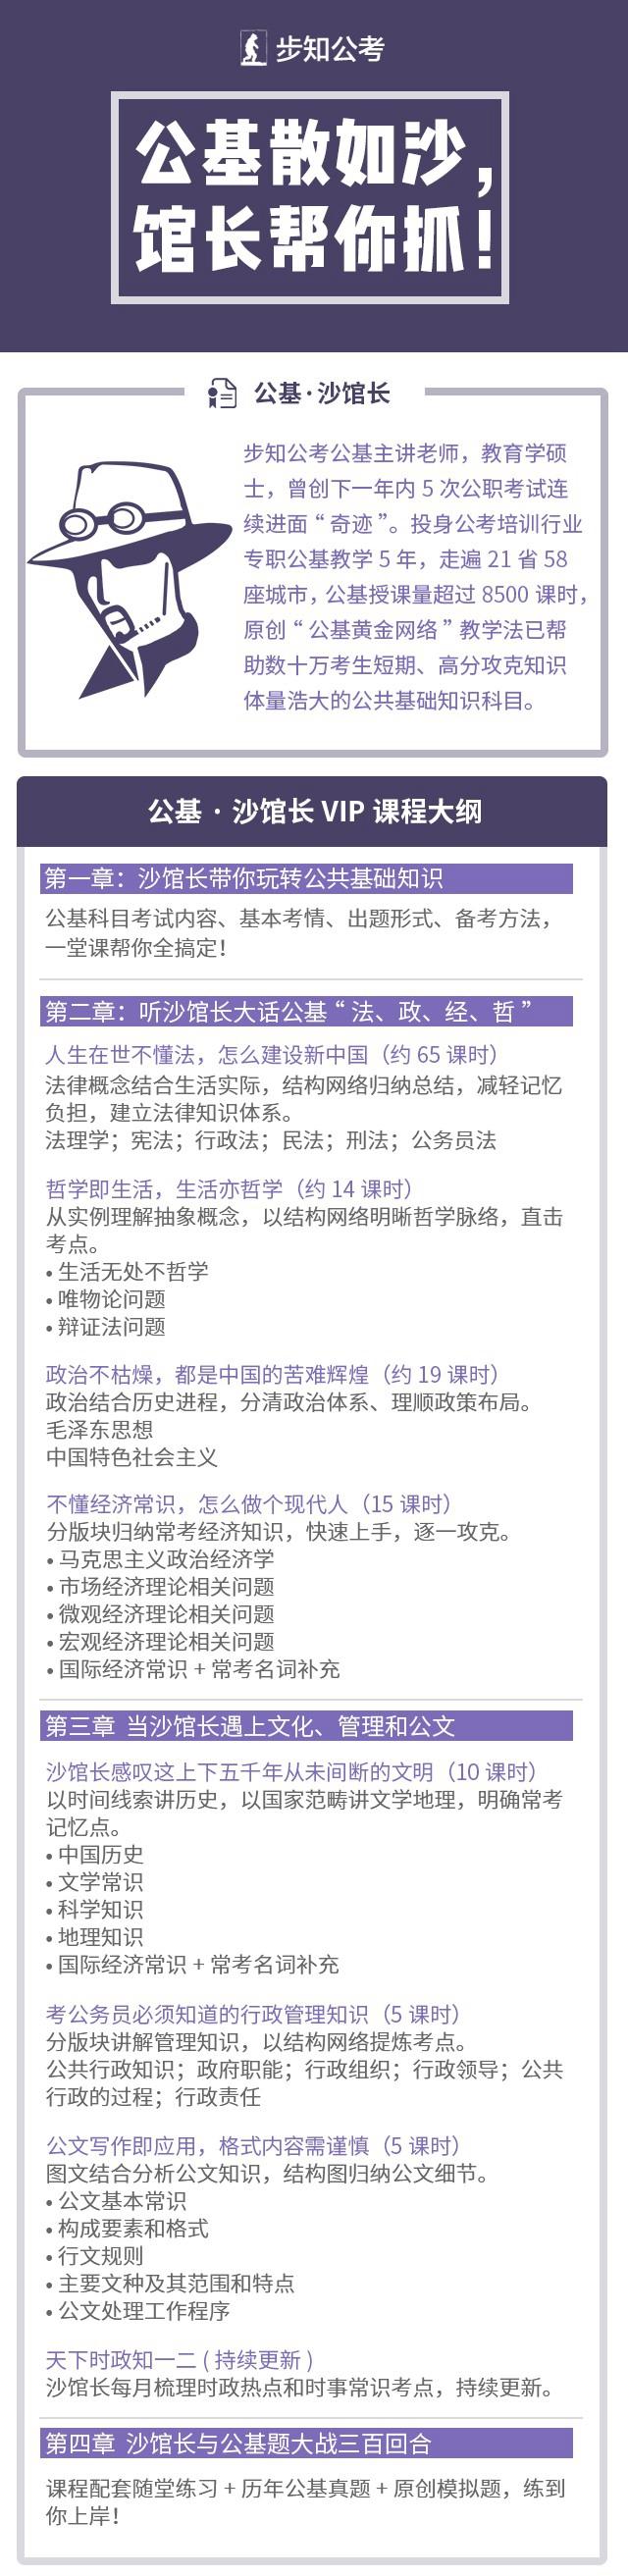 课程结构.png